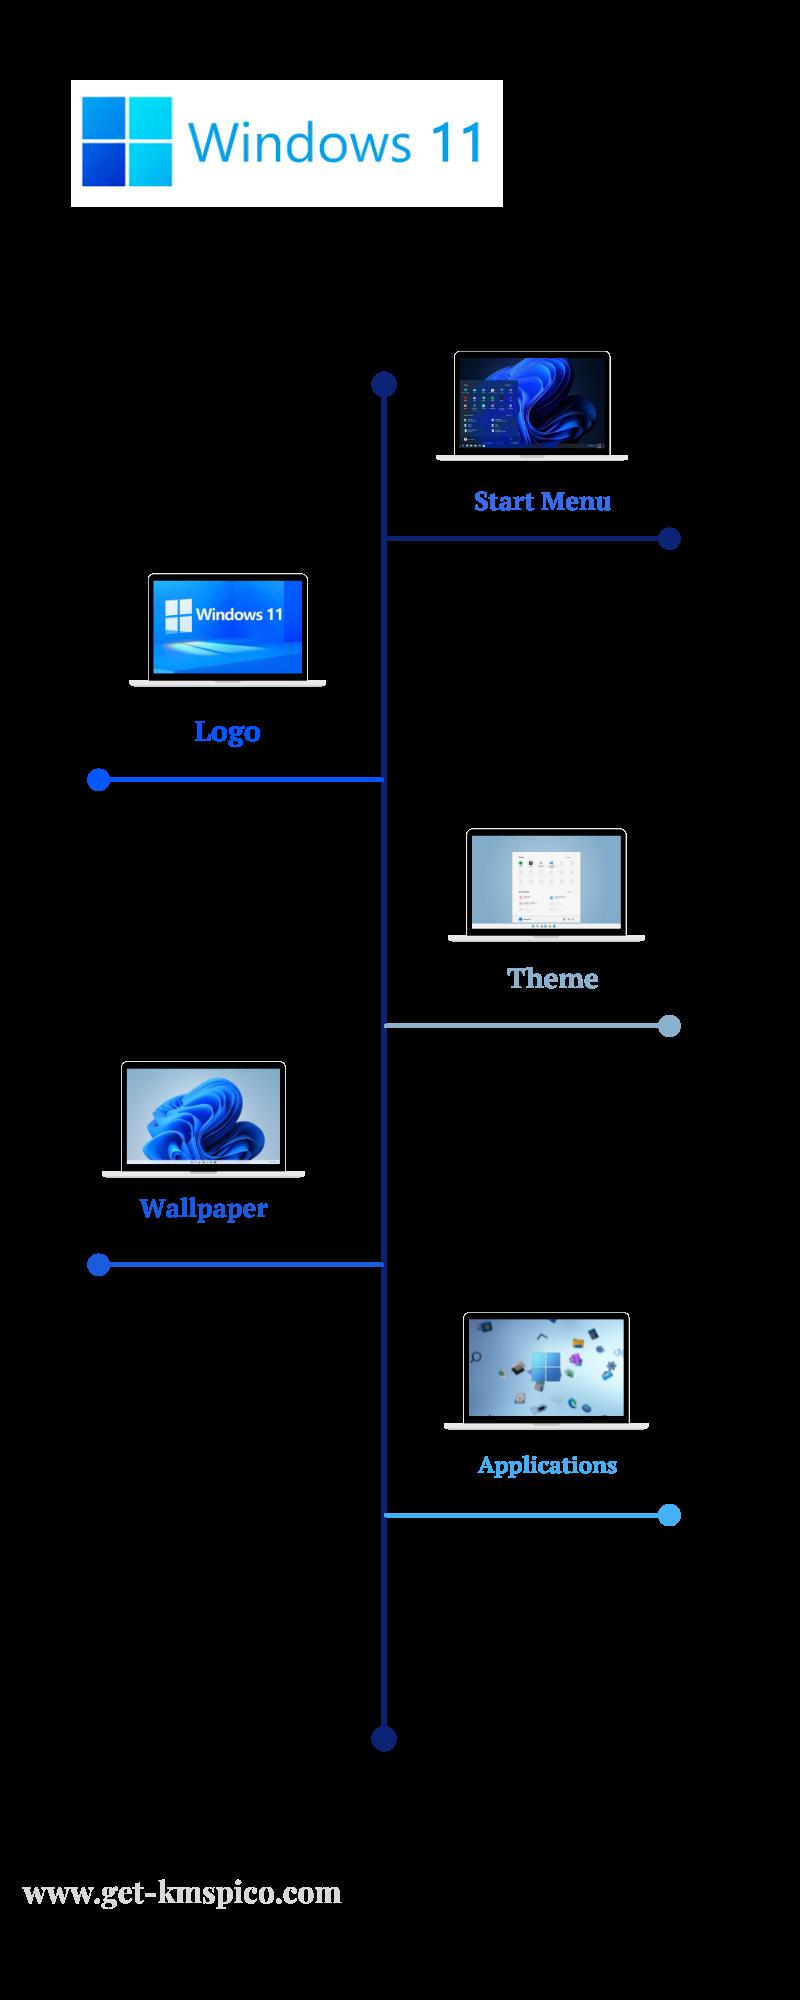 Windows-11-Infographic